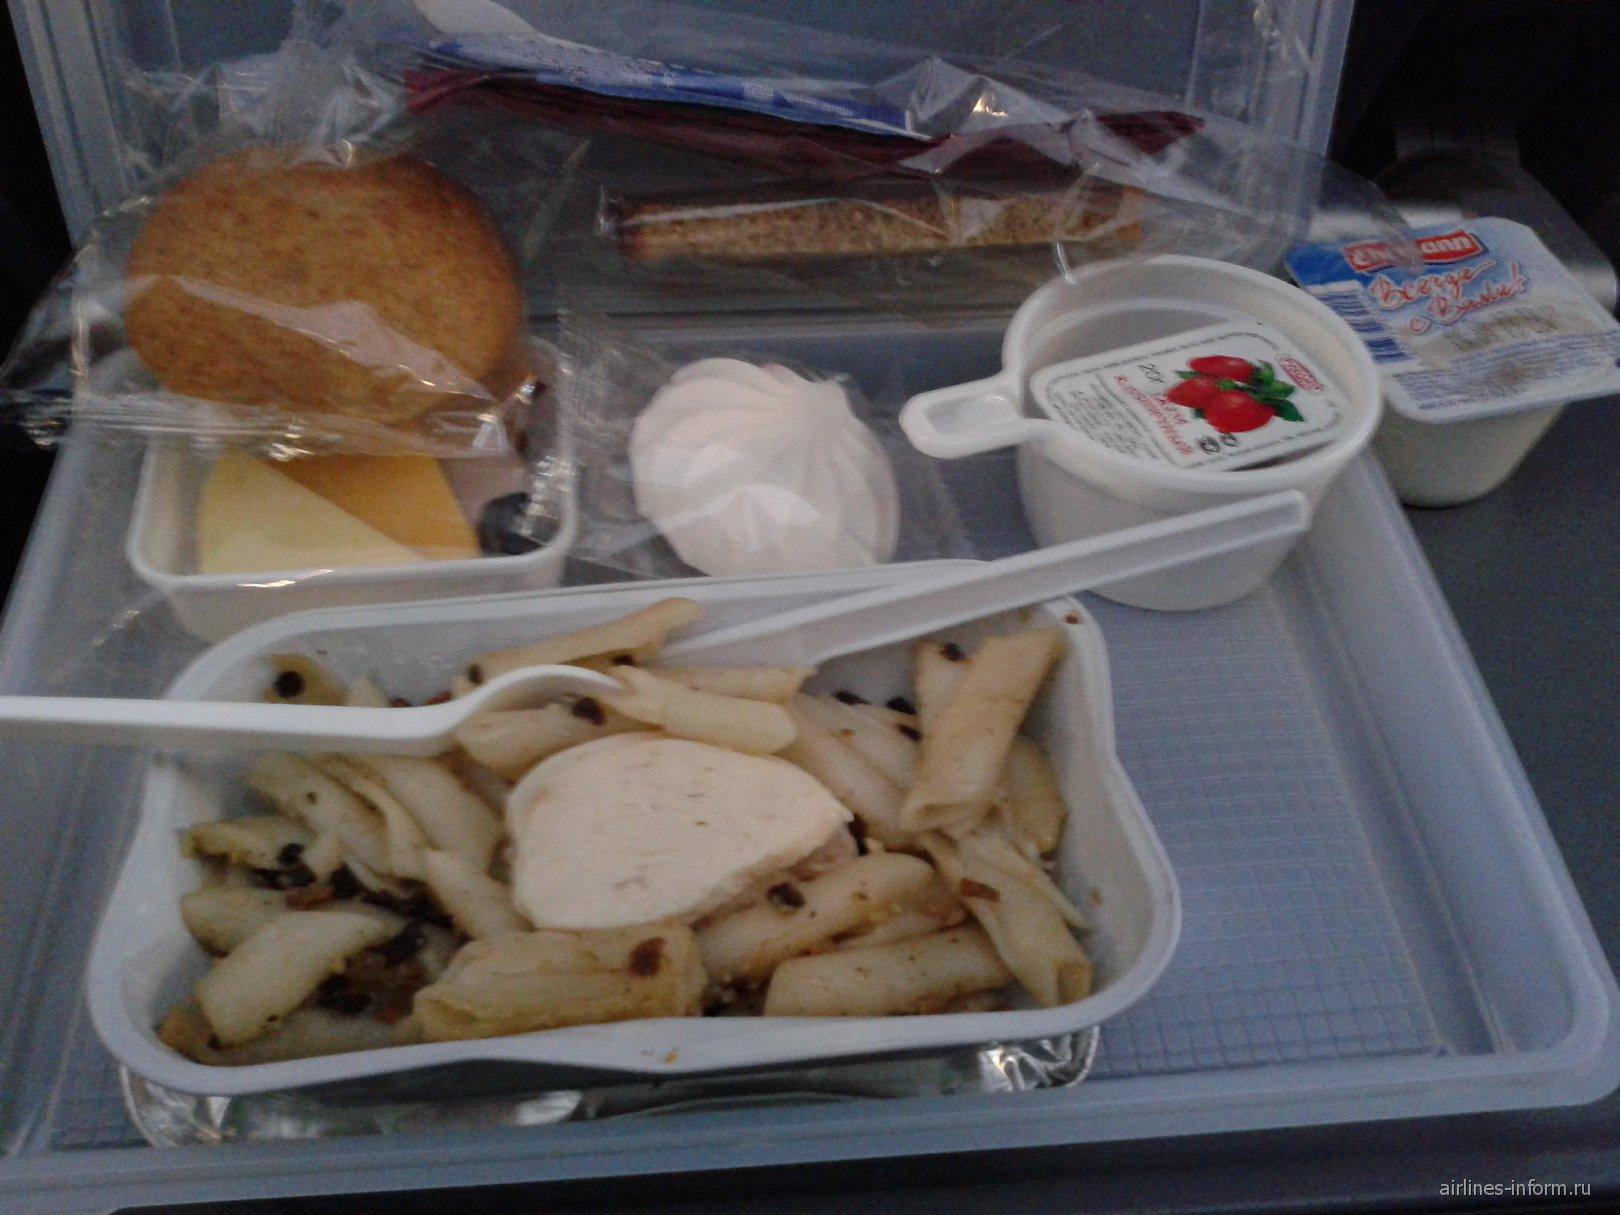 Питание на рейсе авиакомпании Аэрофлот Москва-Анталья